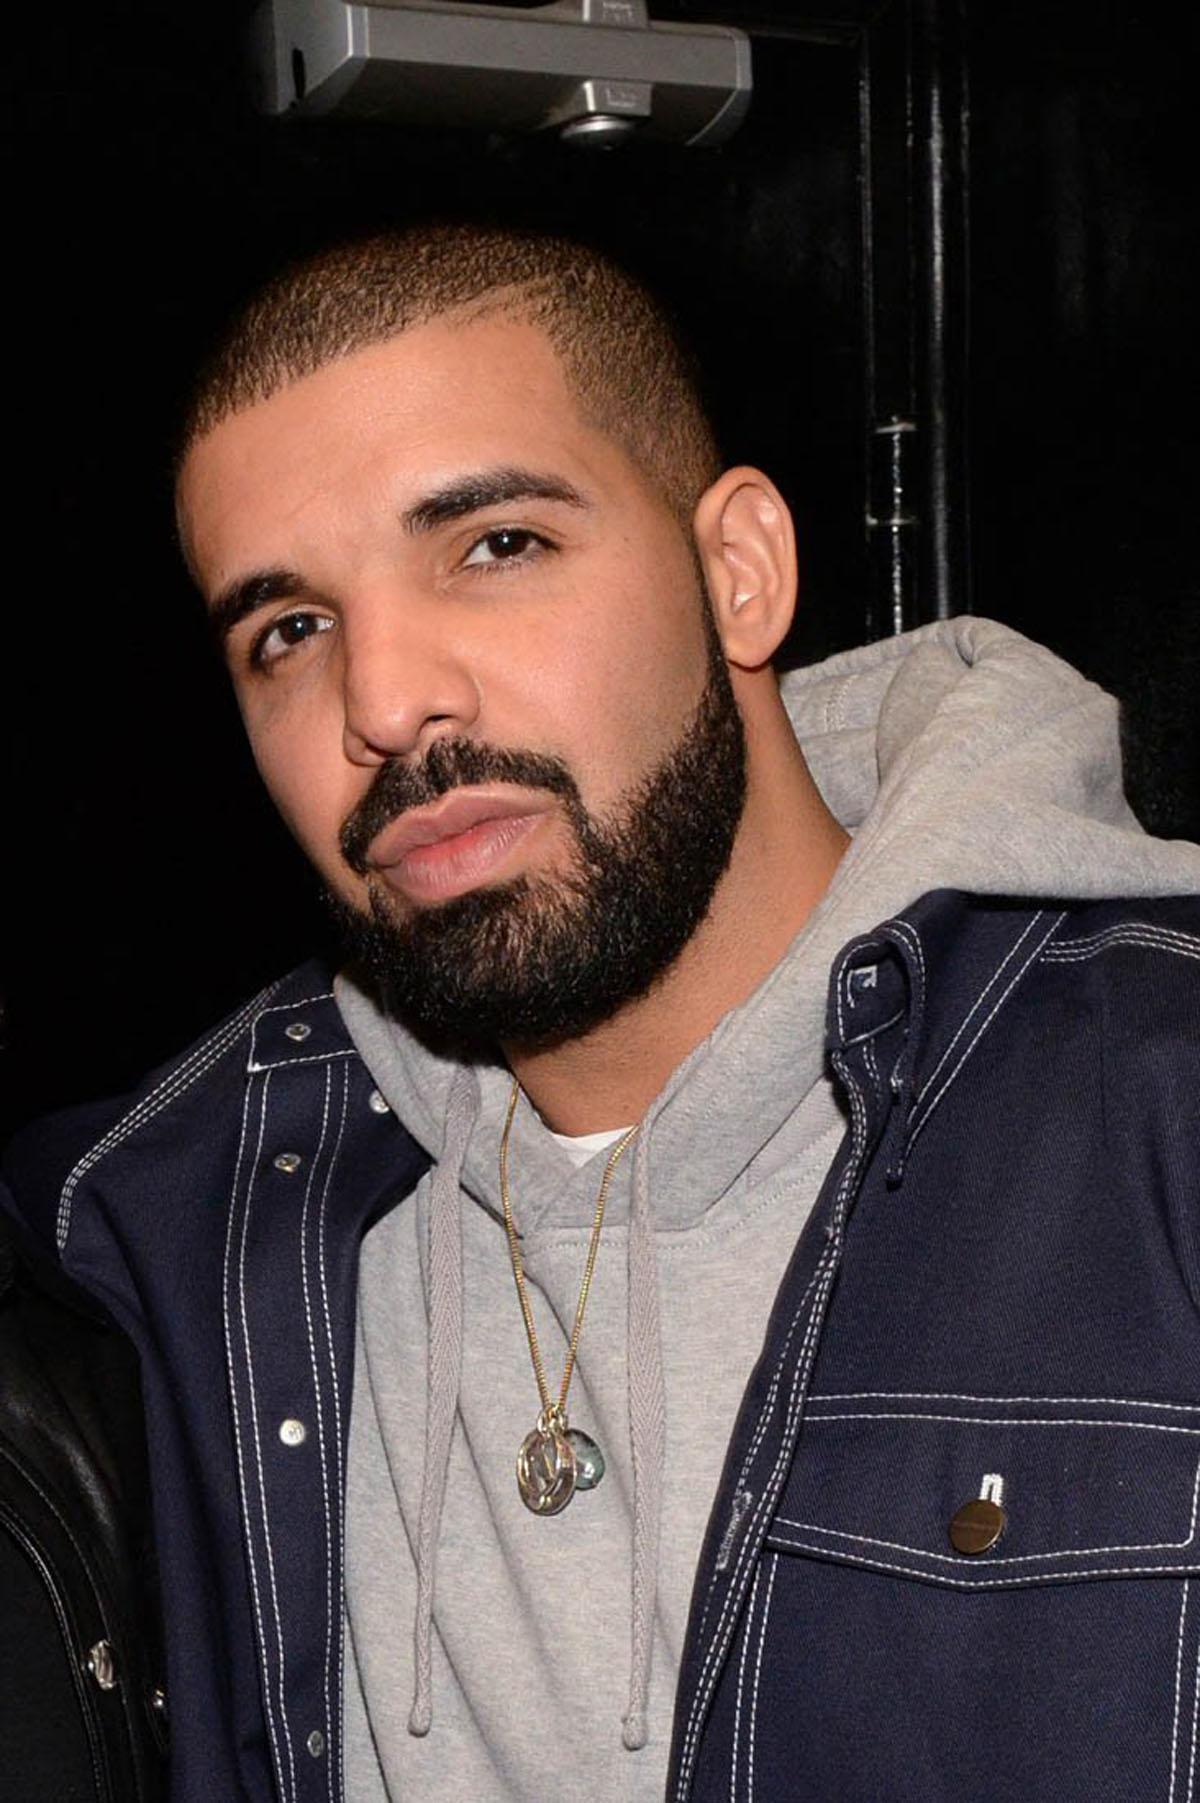 Drake settles rape allegation lawsuit against Instagram model